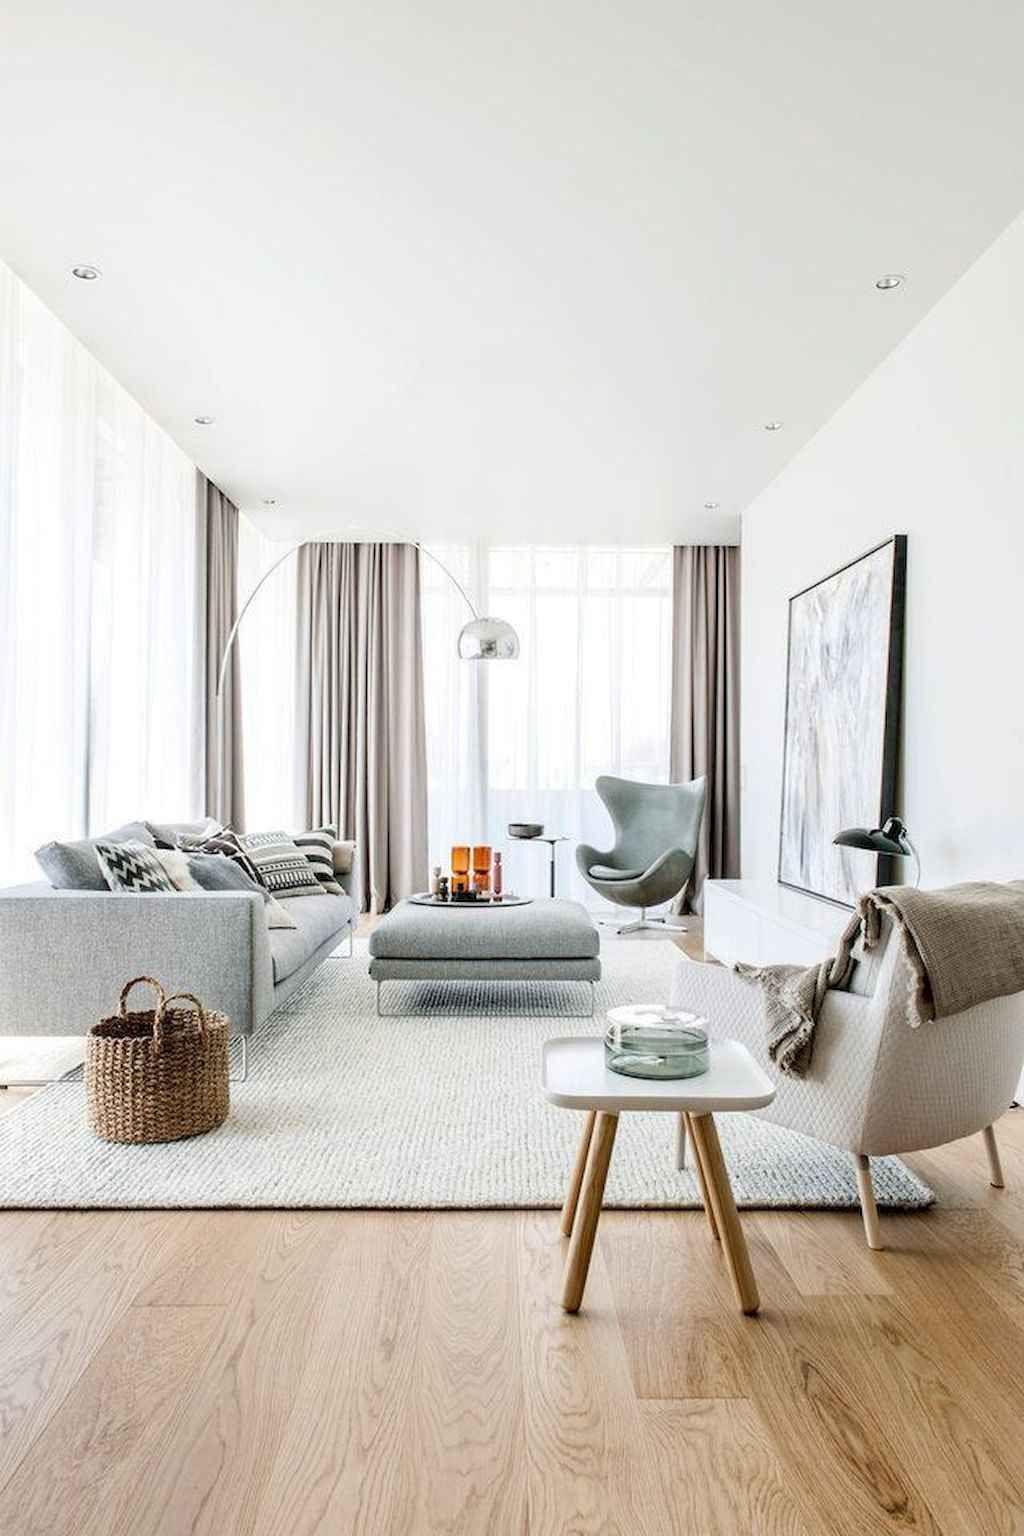 60 Best Modern Farmhouse Living Room Decor Ideas And Design Living Room Scandinavian Modern Minimalist Living Room Relaxing Living Room